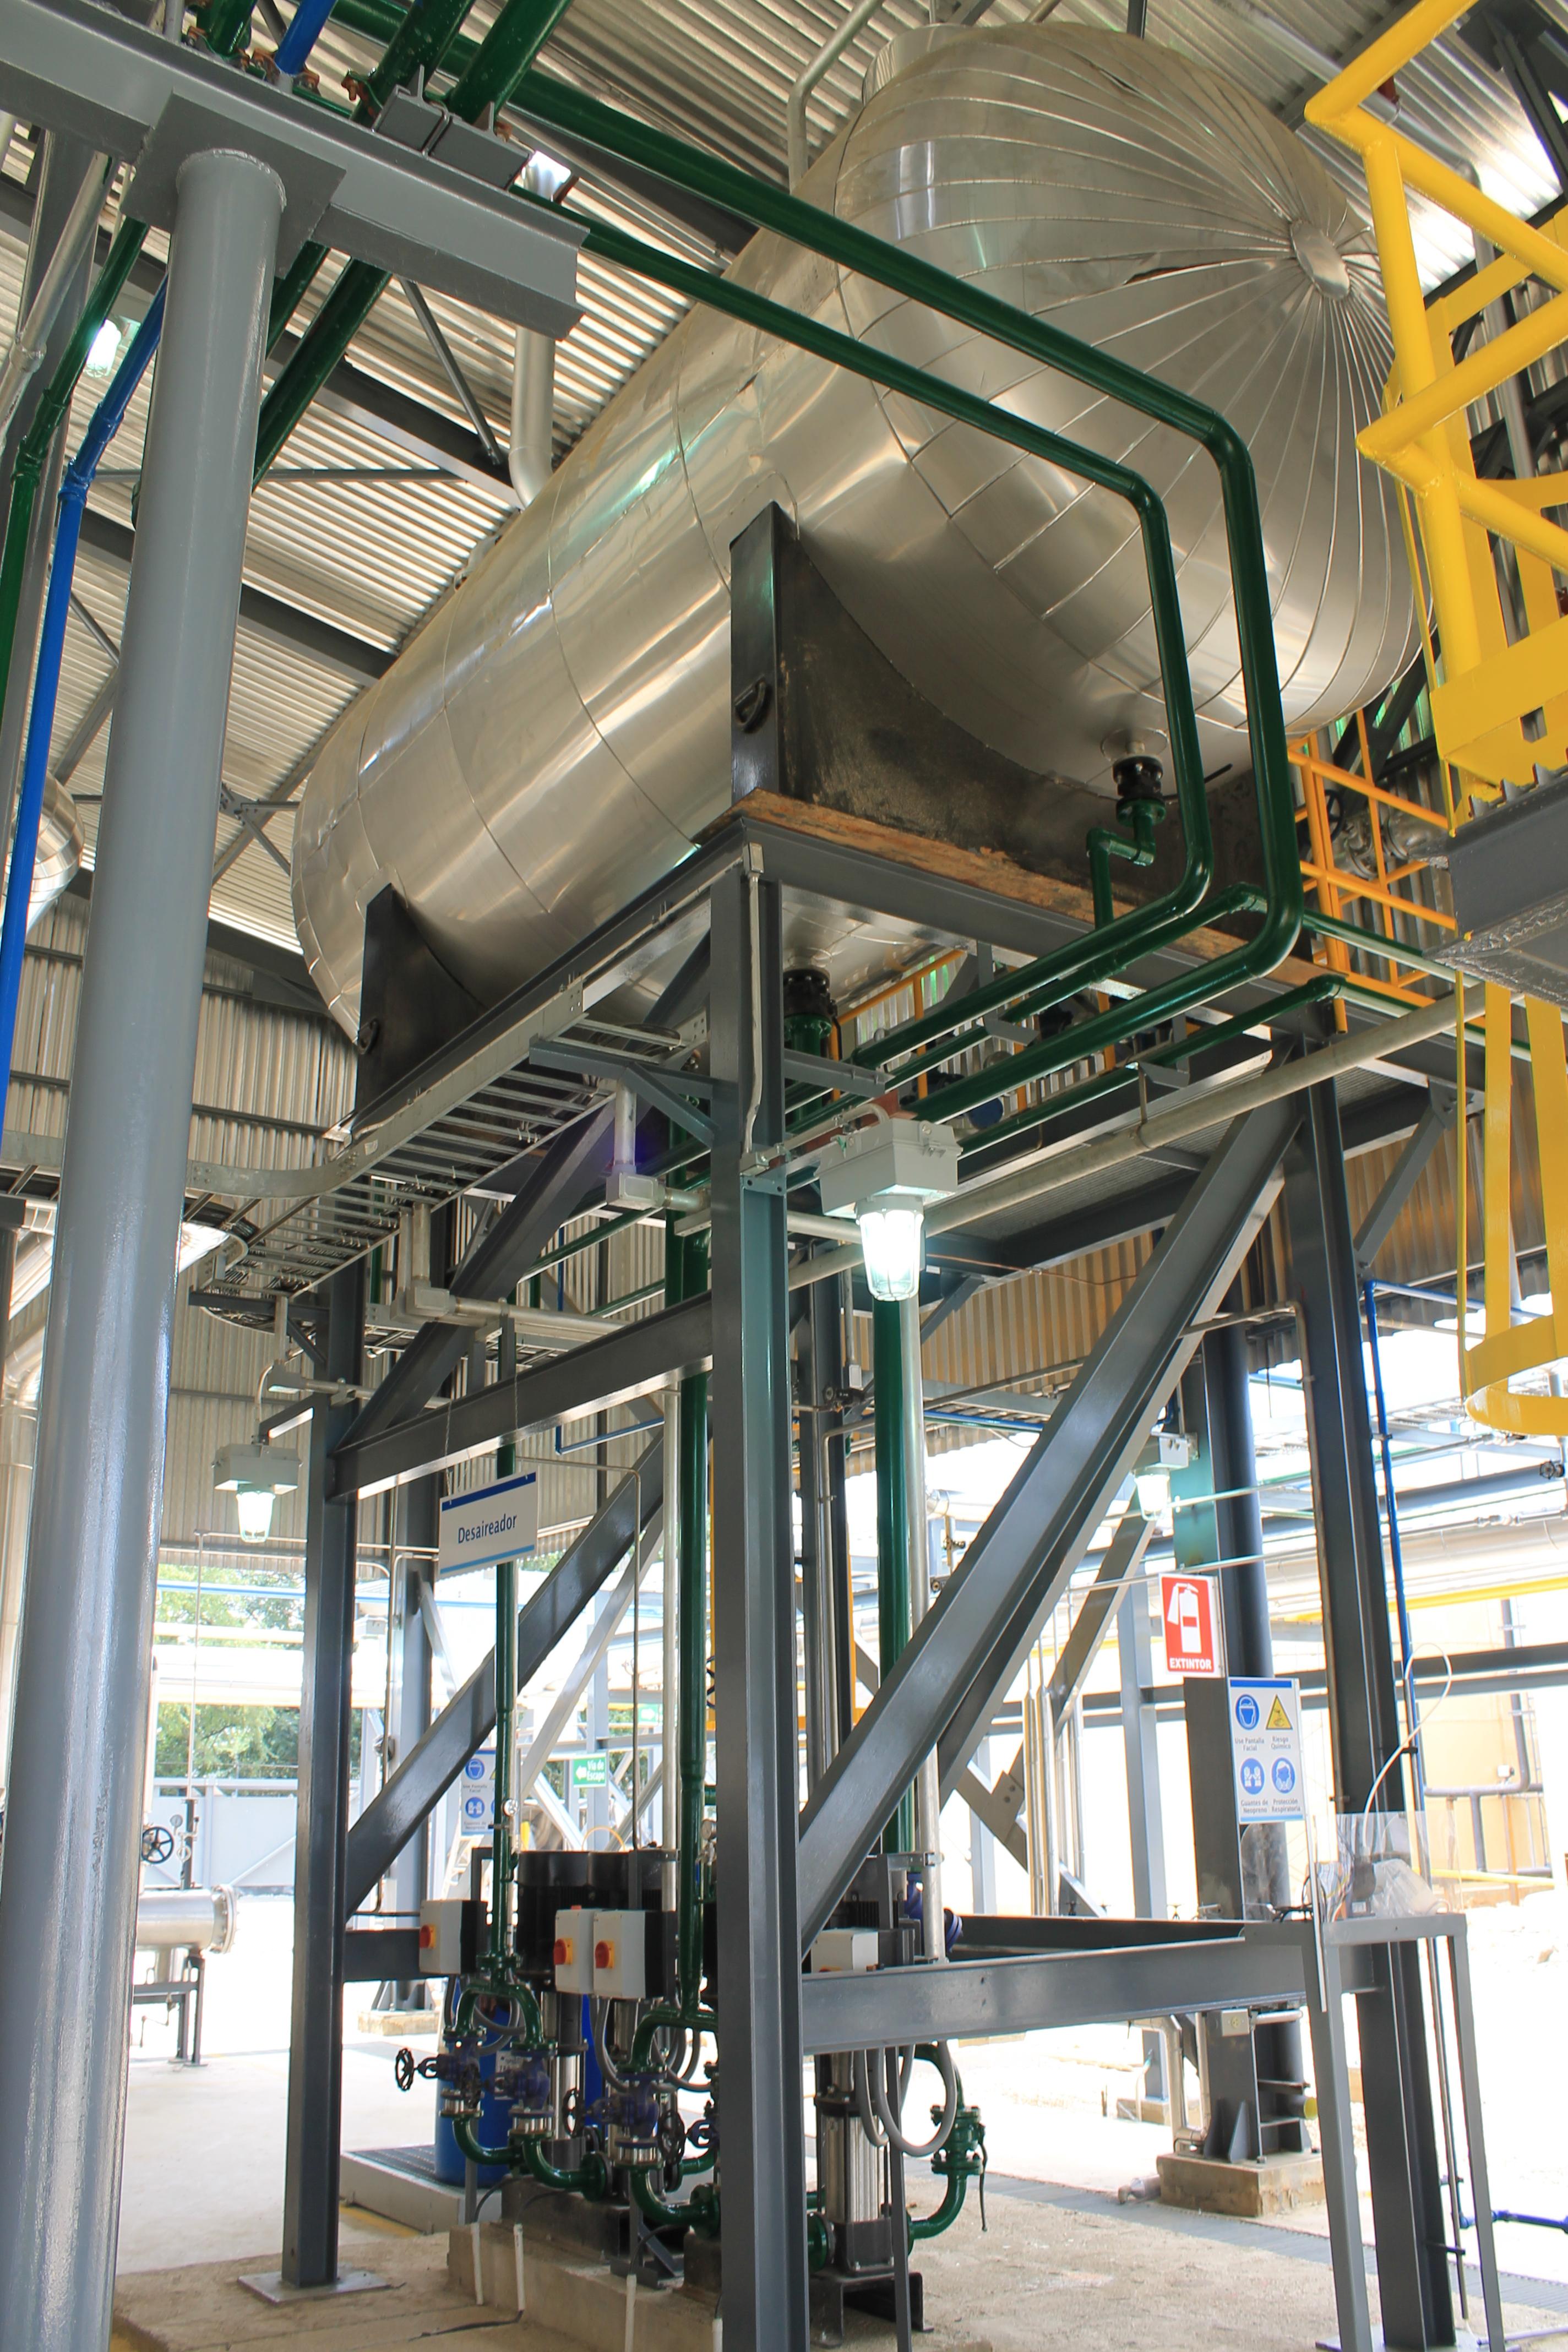 Calderas de vapor desgasificador DGV 5 Calderería López Hermanos, S.A. Valencia